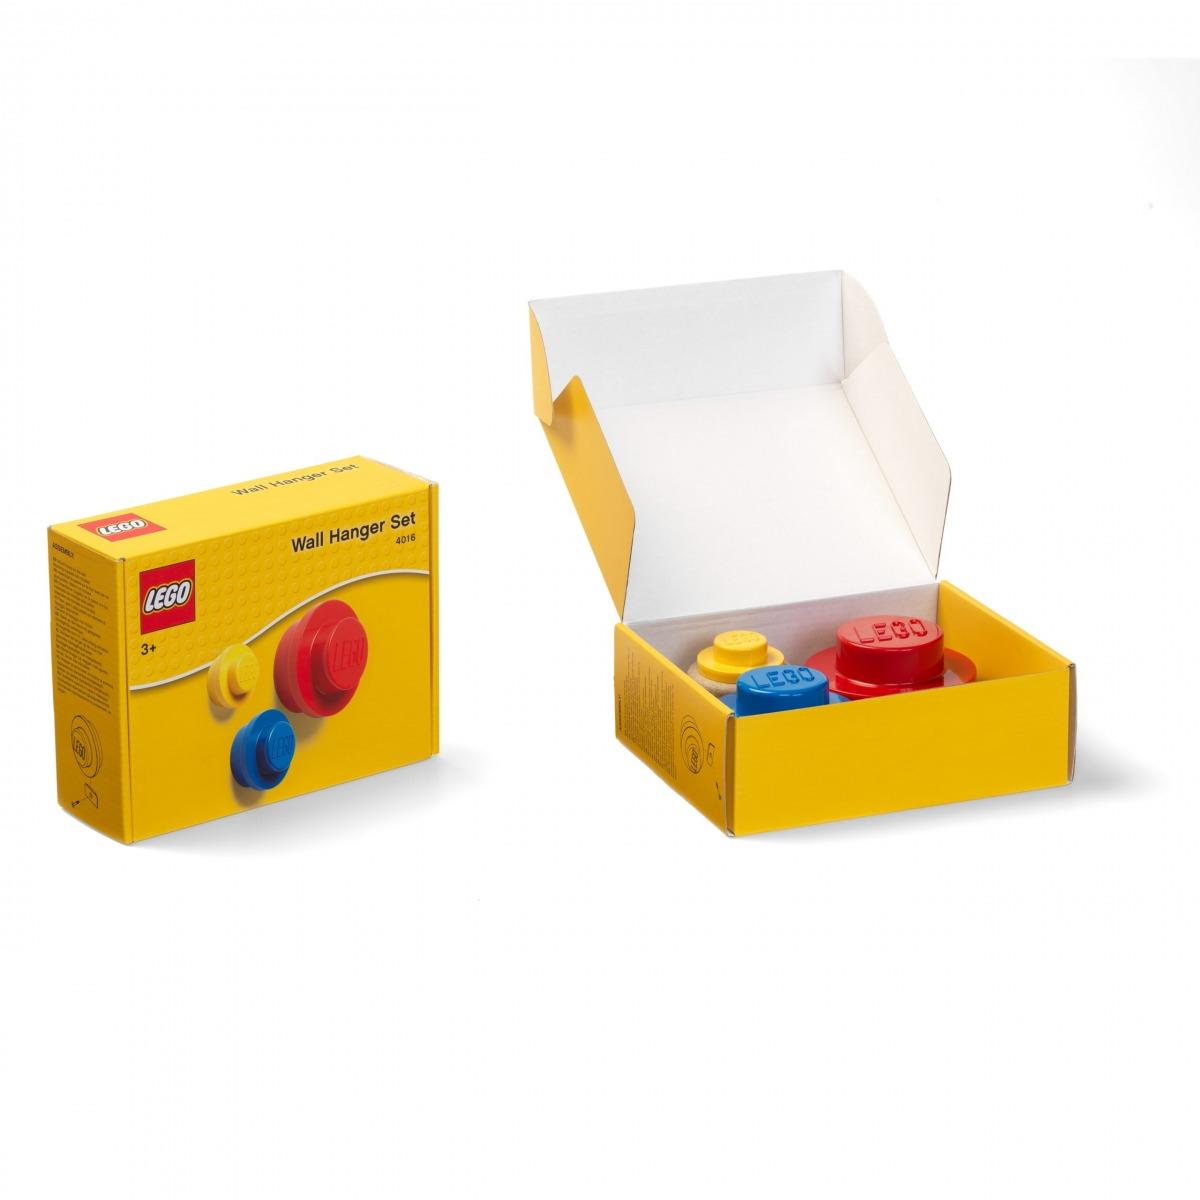 lego 5005906 wandhaken set in rot blau und gelb scaled